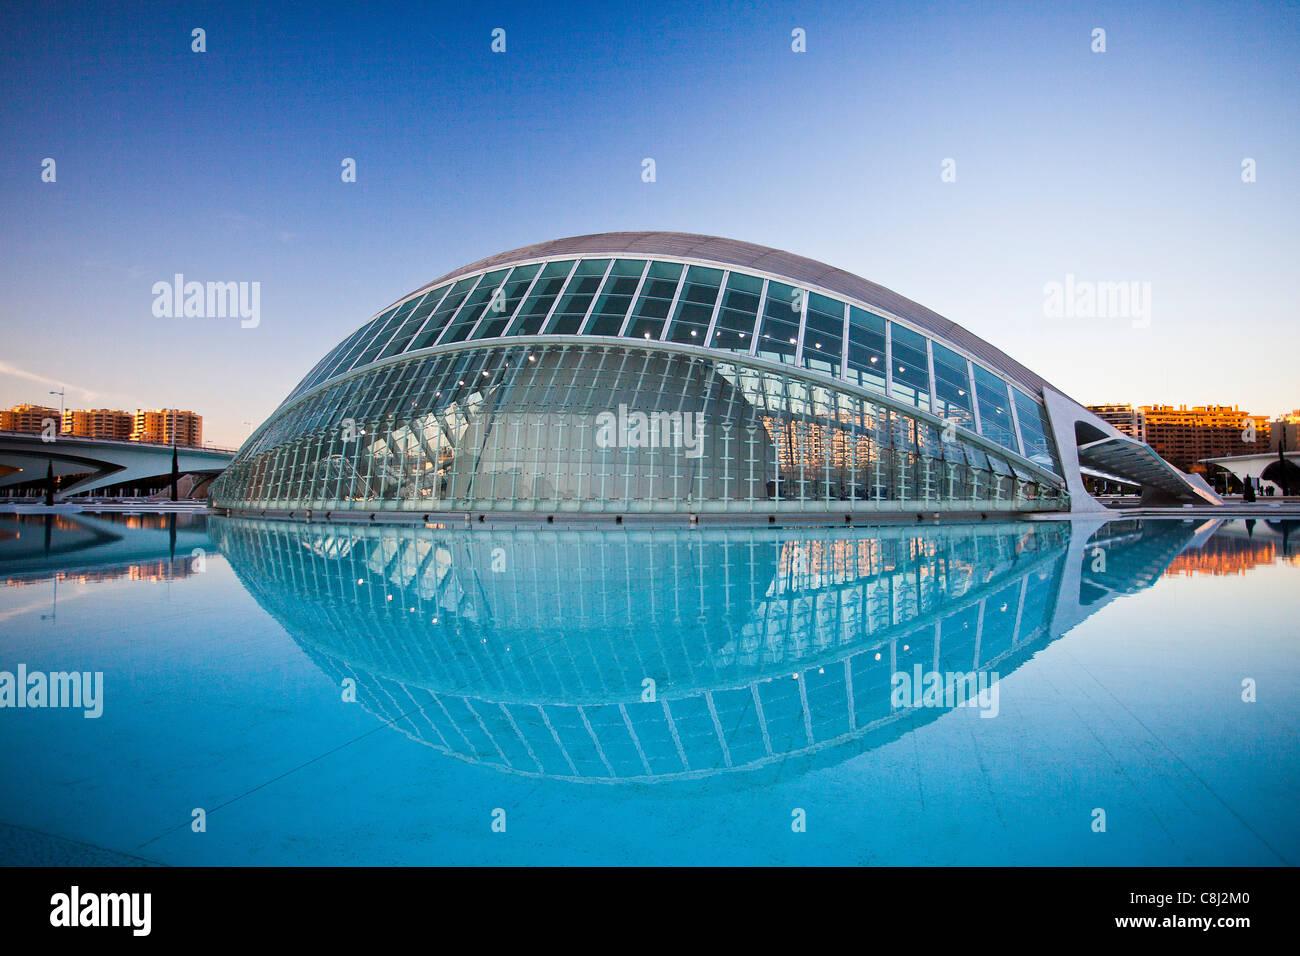 Spagna, Europa, Valencia, Città delle arti e della scienza, Calatrava, architettura moderna, Hemisferic, acqua Immagini Stock